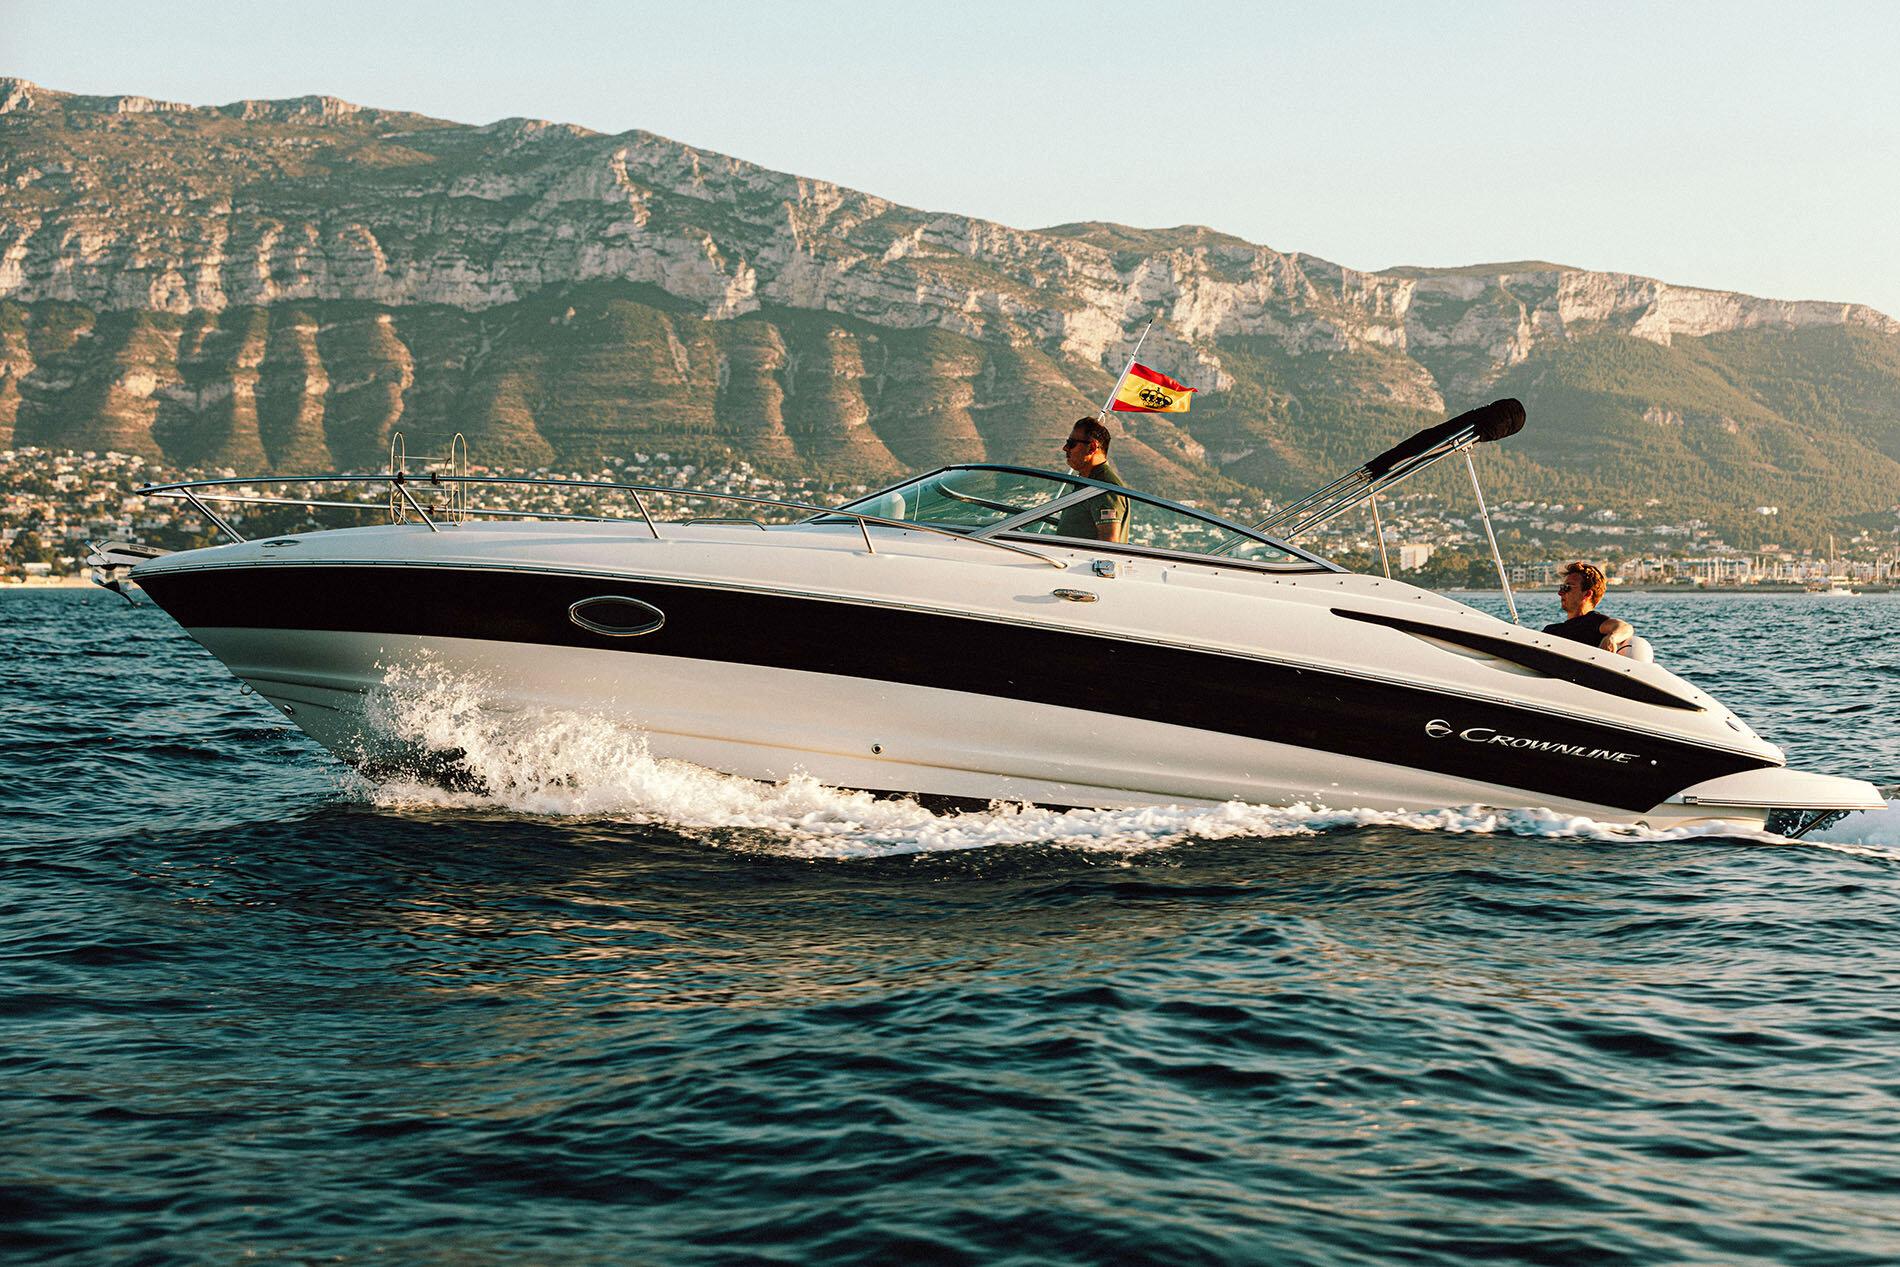 Nomada Luxury Boats Marina ElPortet Denia Joaquin Molpeceres BG Parallax